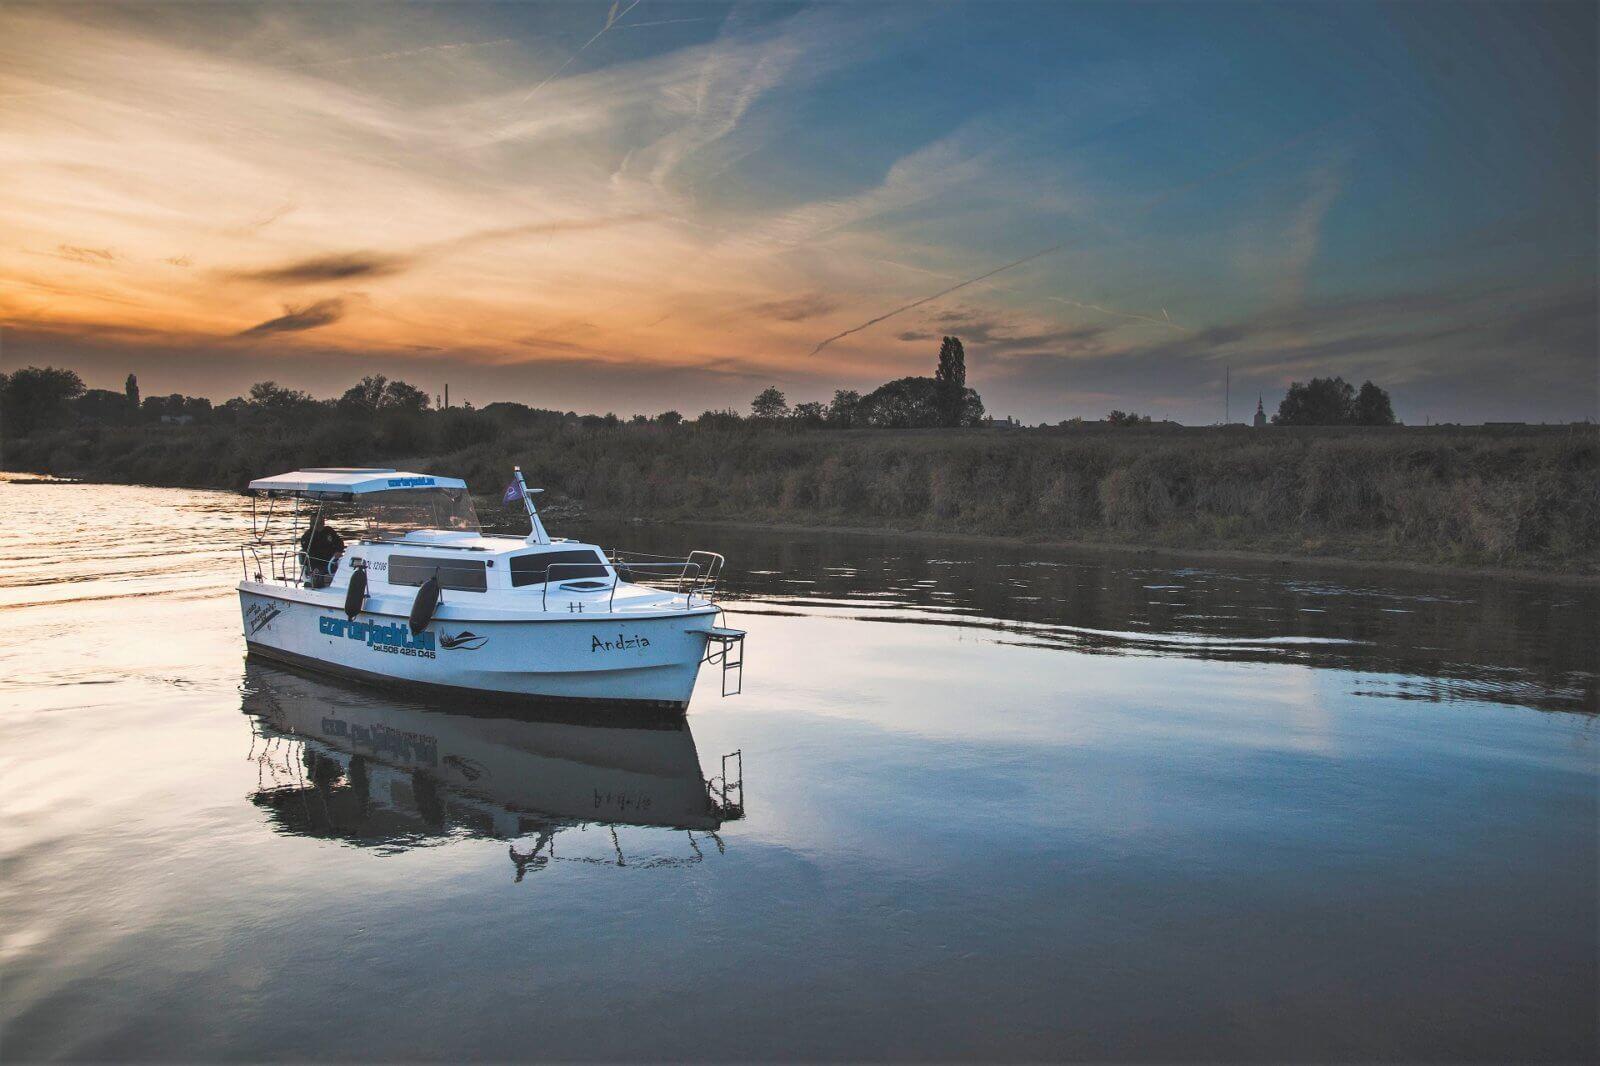 łódź czaterjacht na wielkiej pętli wielkopolski